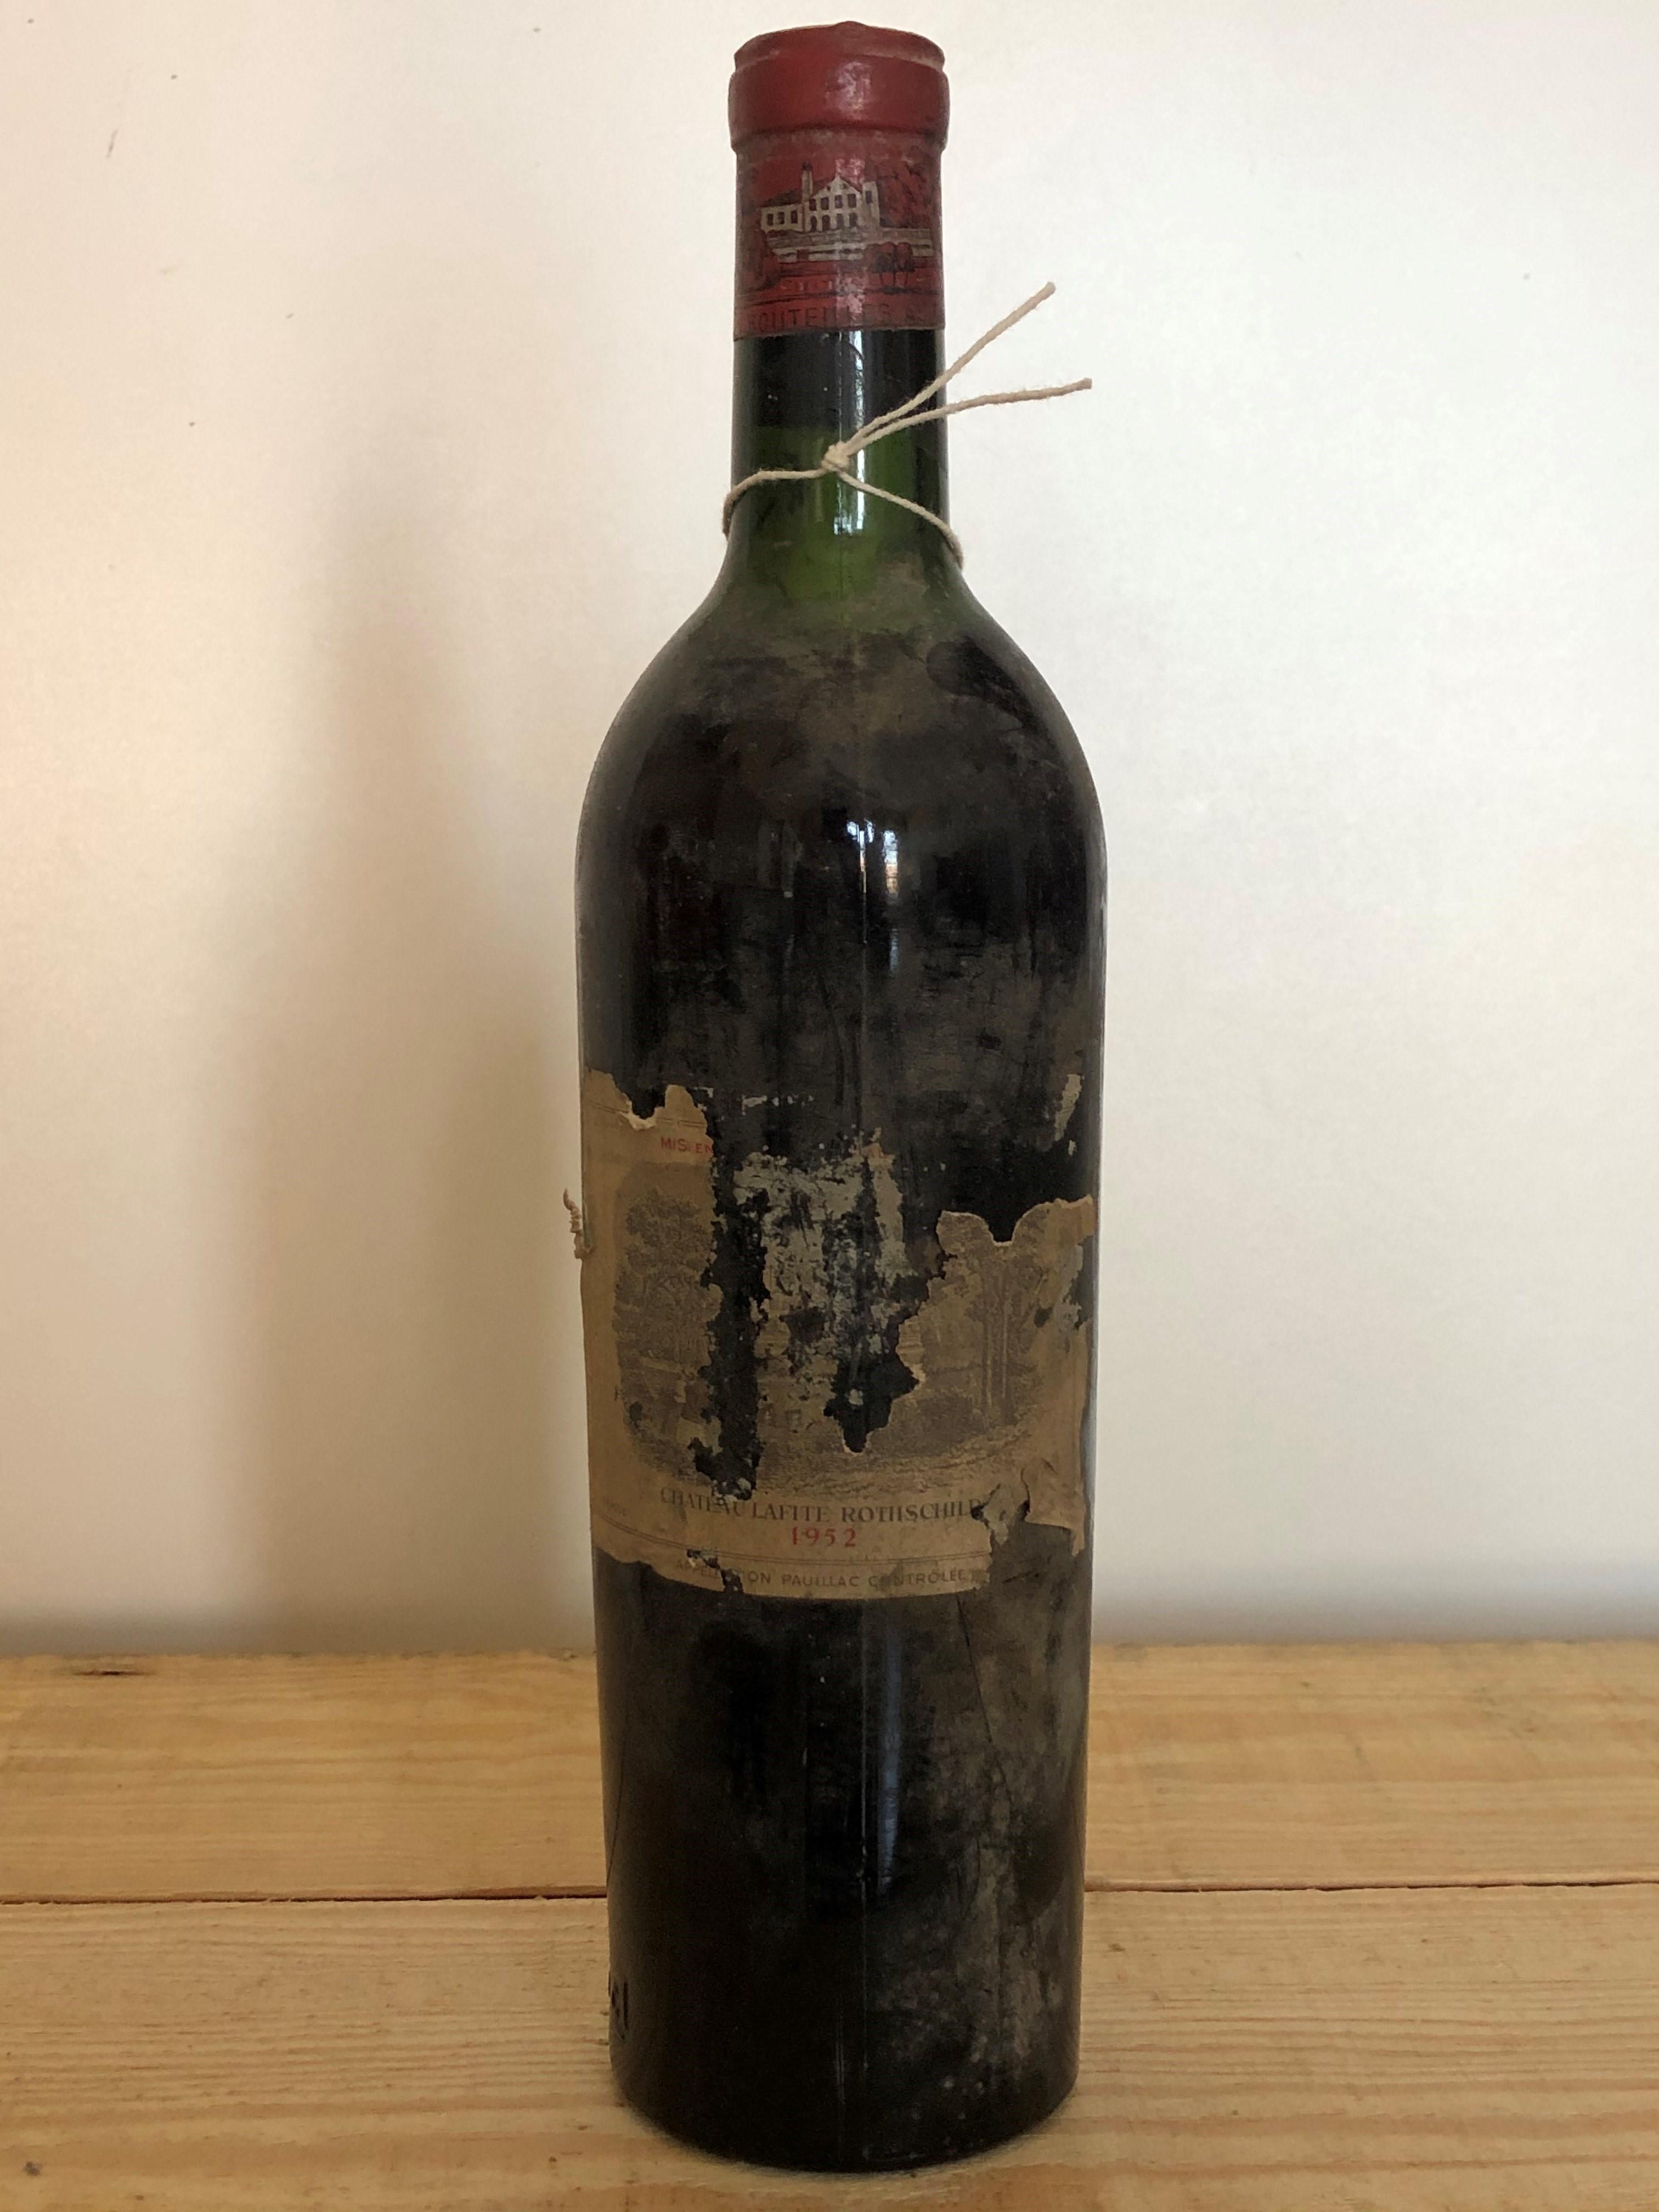 1 Bottle Chateau Lafite Rothschild Premier Grand Cru Classe Pauillac 1952